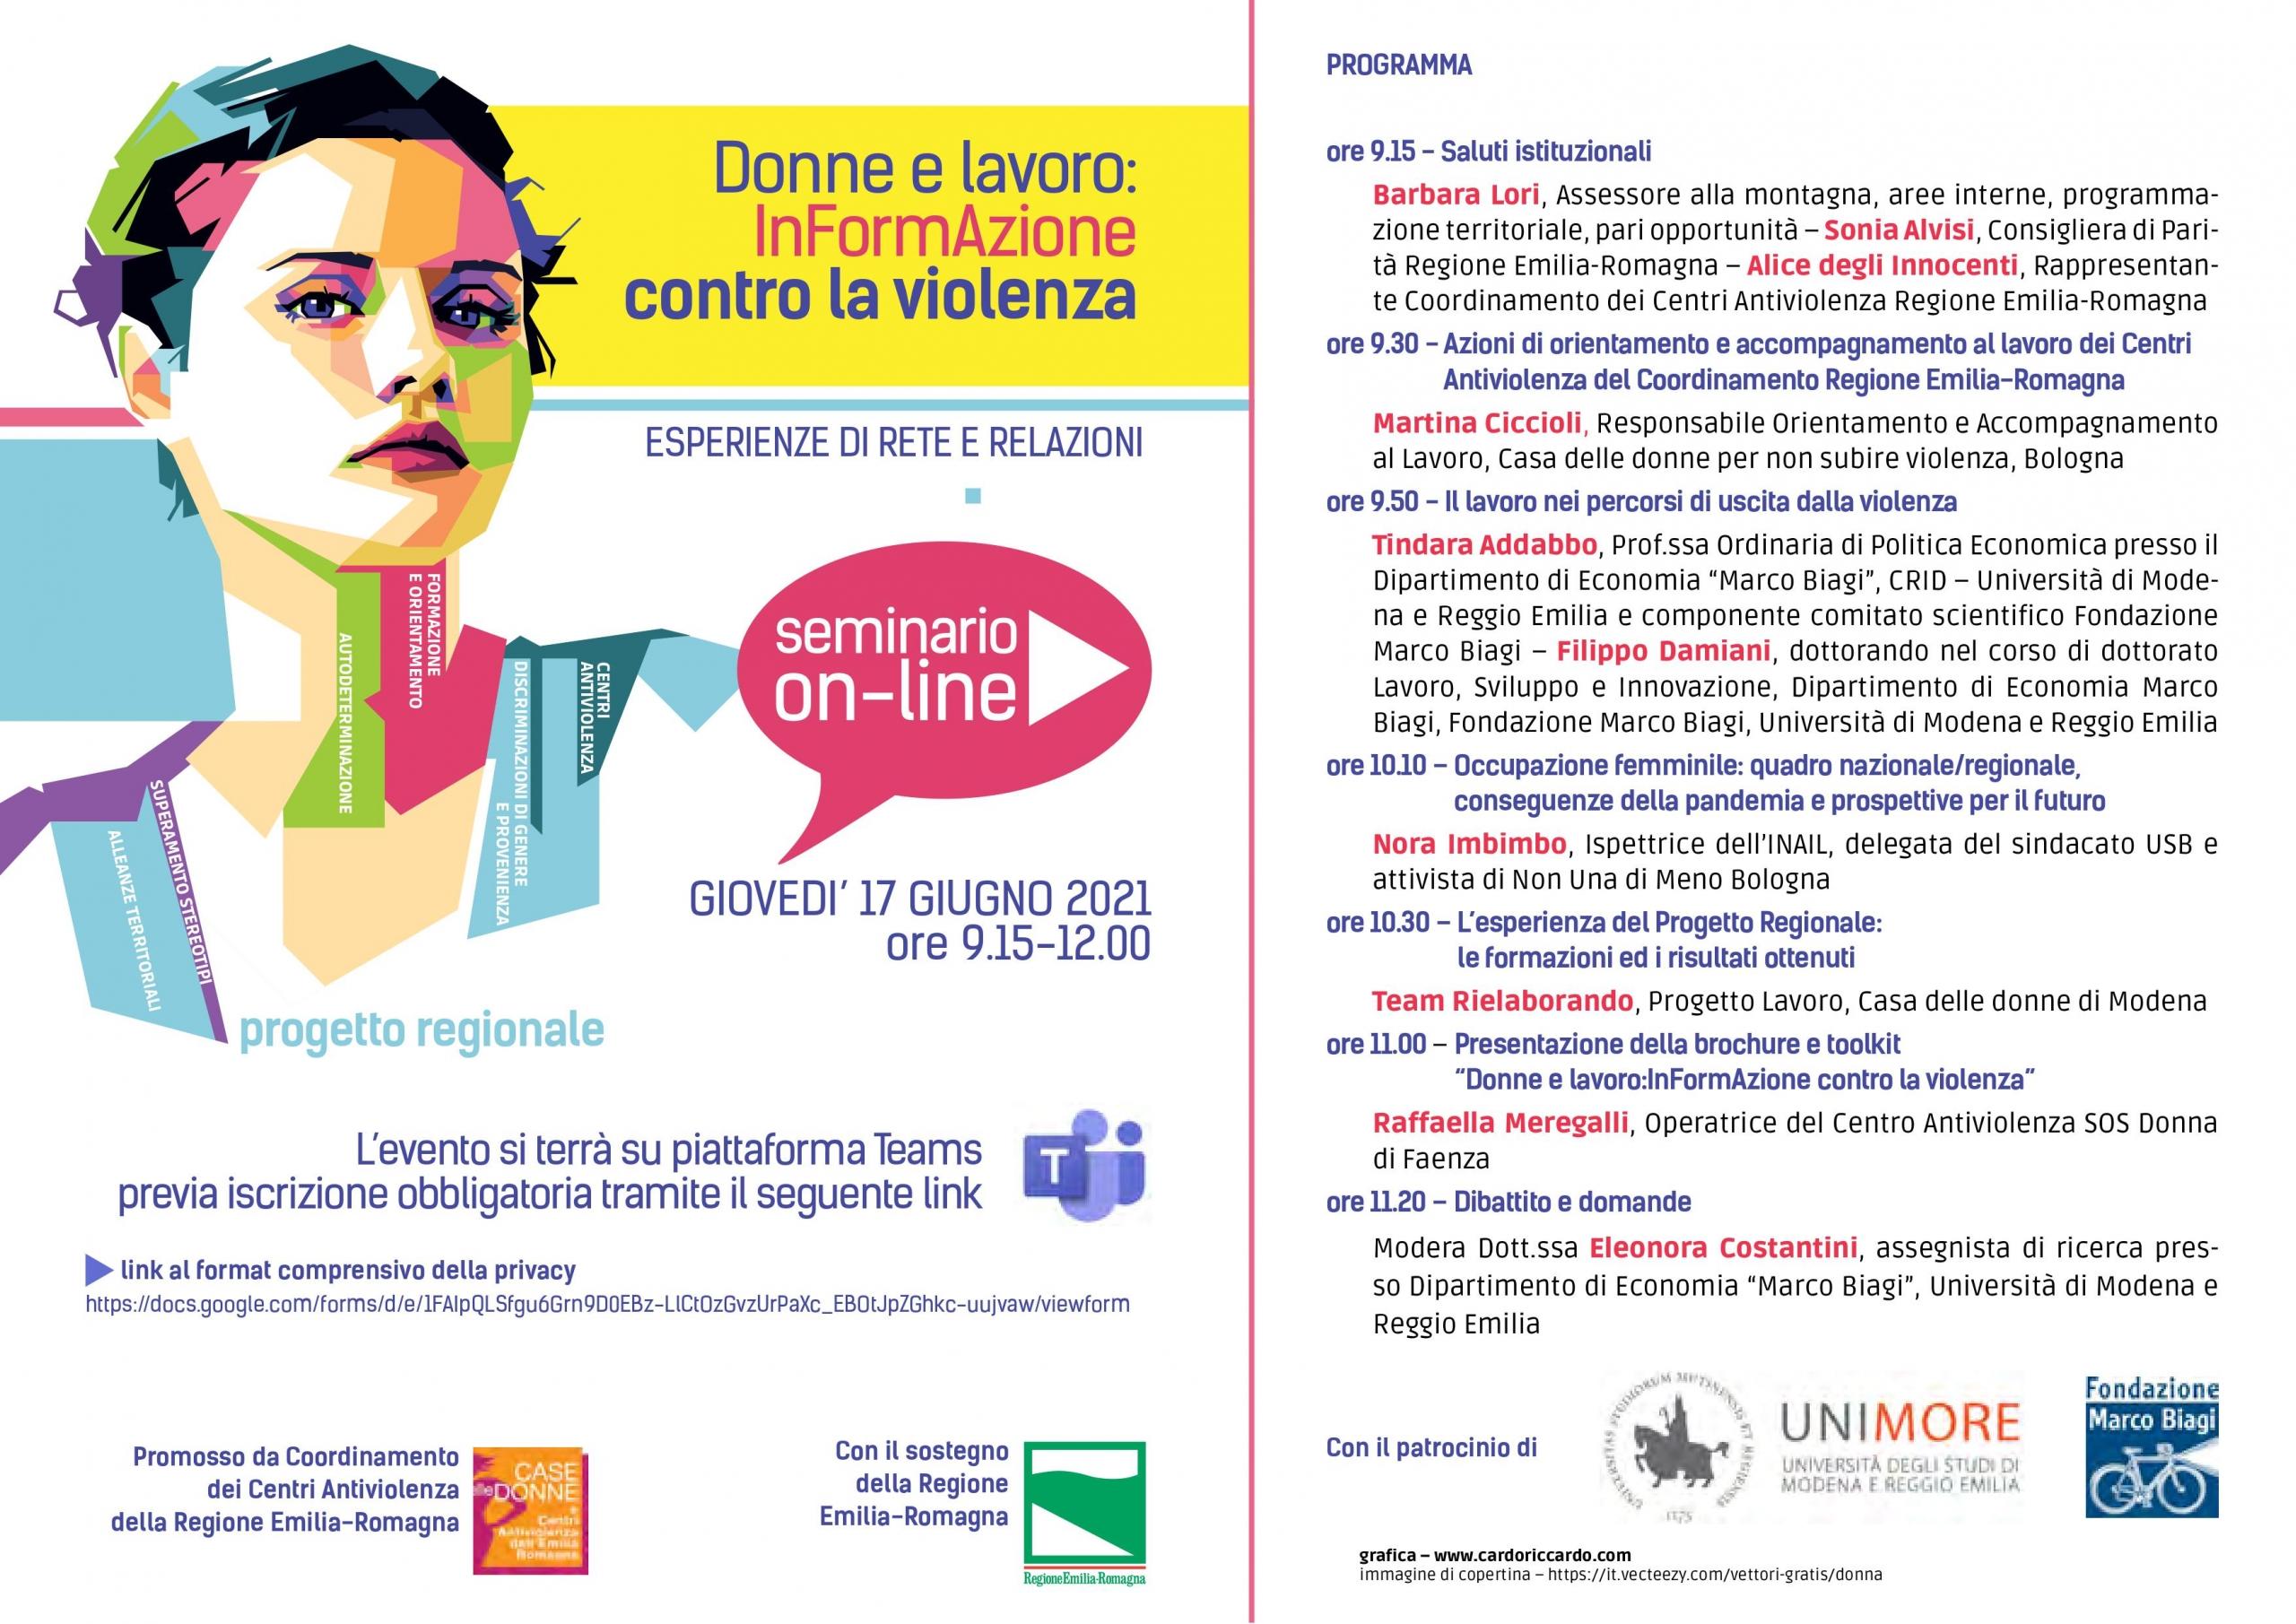 """Giovedì 17 Giugno: seminario on-line """"Donne e lavoro: InFormAzione contro la violenza. Esperienze di rete e relazioni"""""""